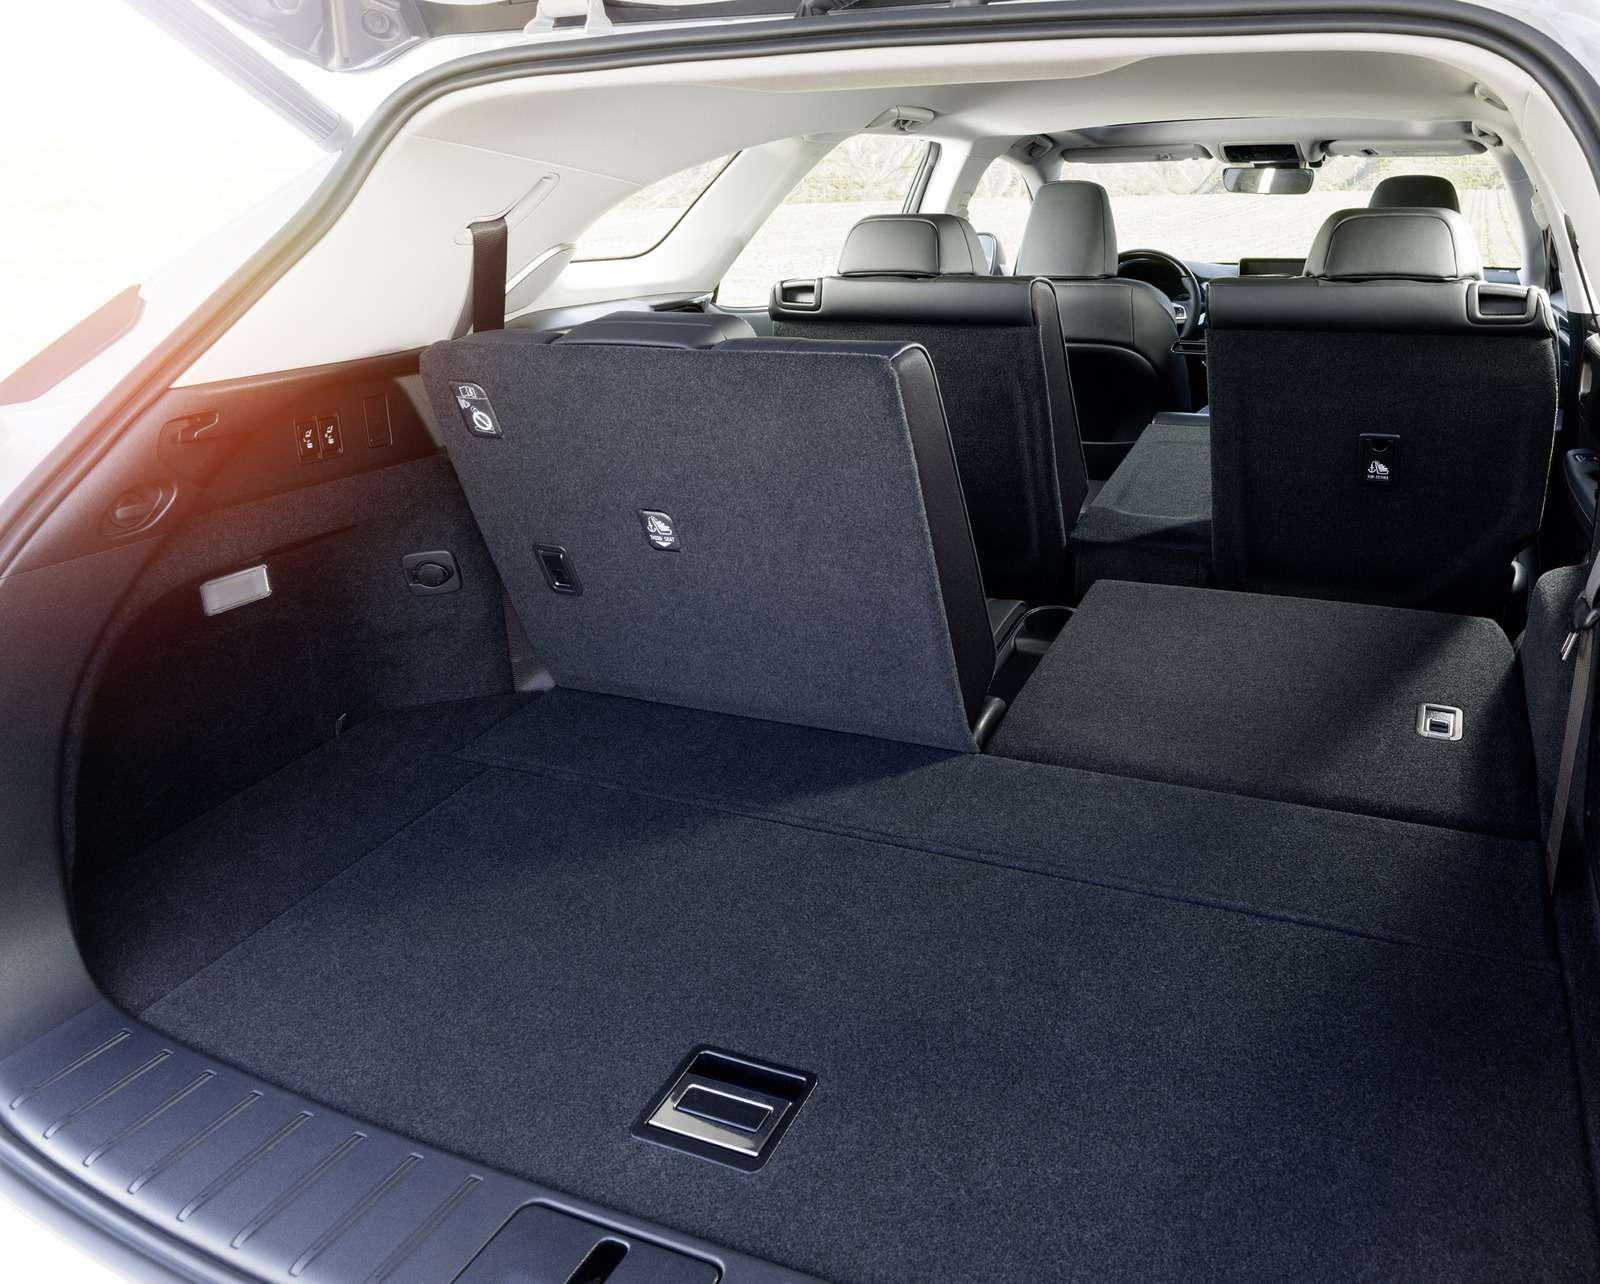 Lexus усадил двоих пассажиров вбагажник RX— фото 821844